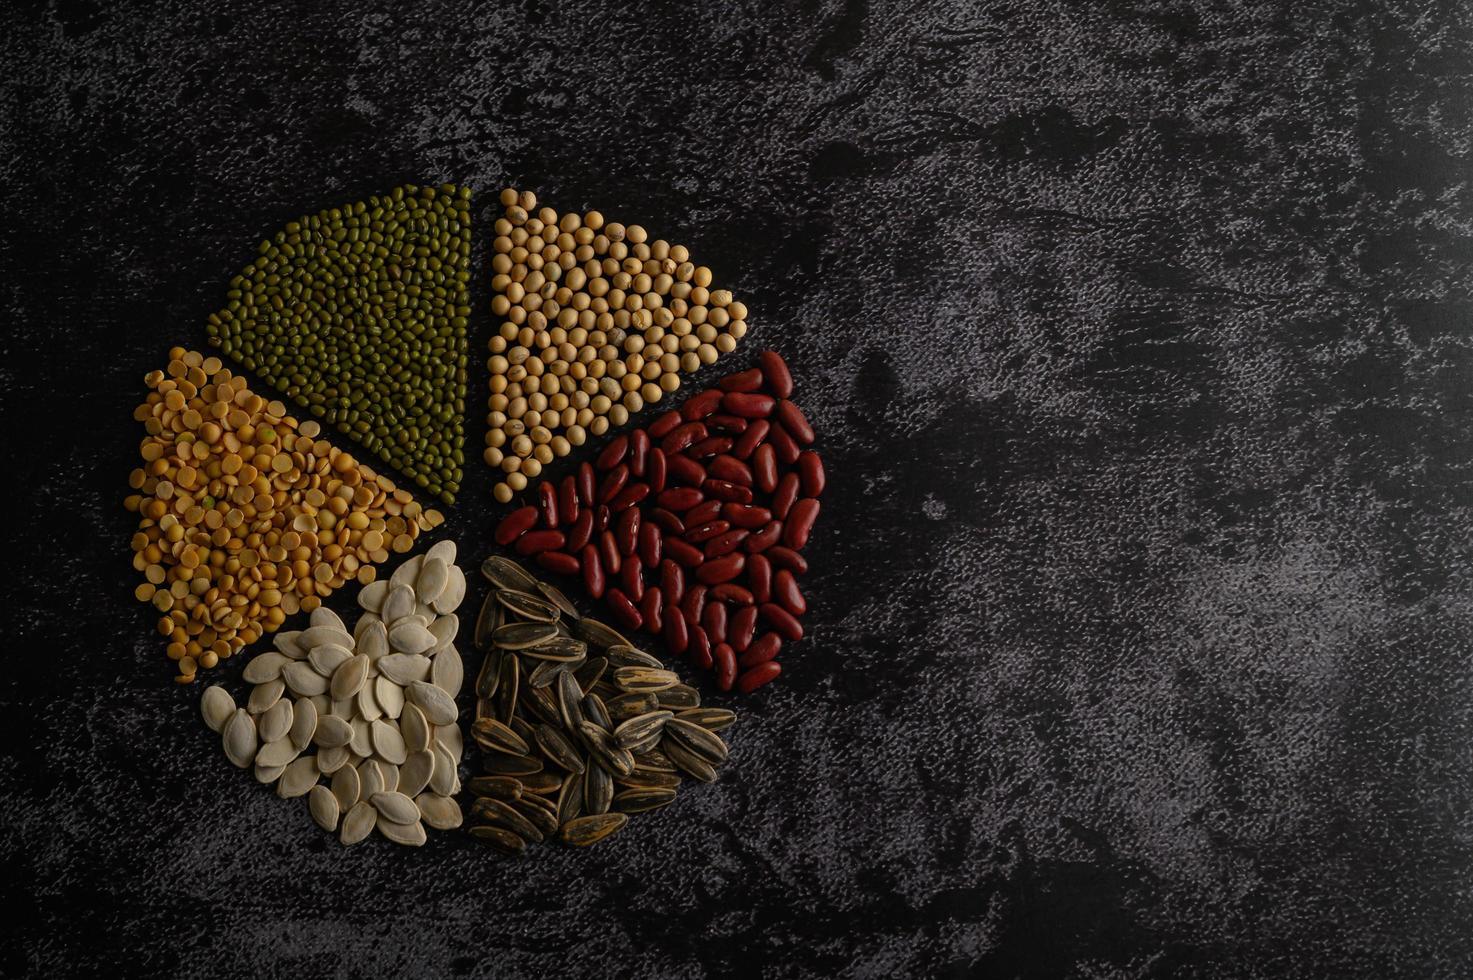 baljväxter ordnade i en cirkel på en svart cementyta foto